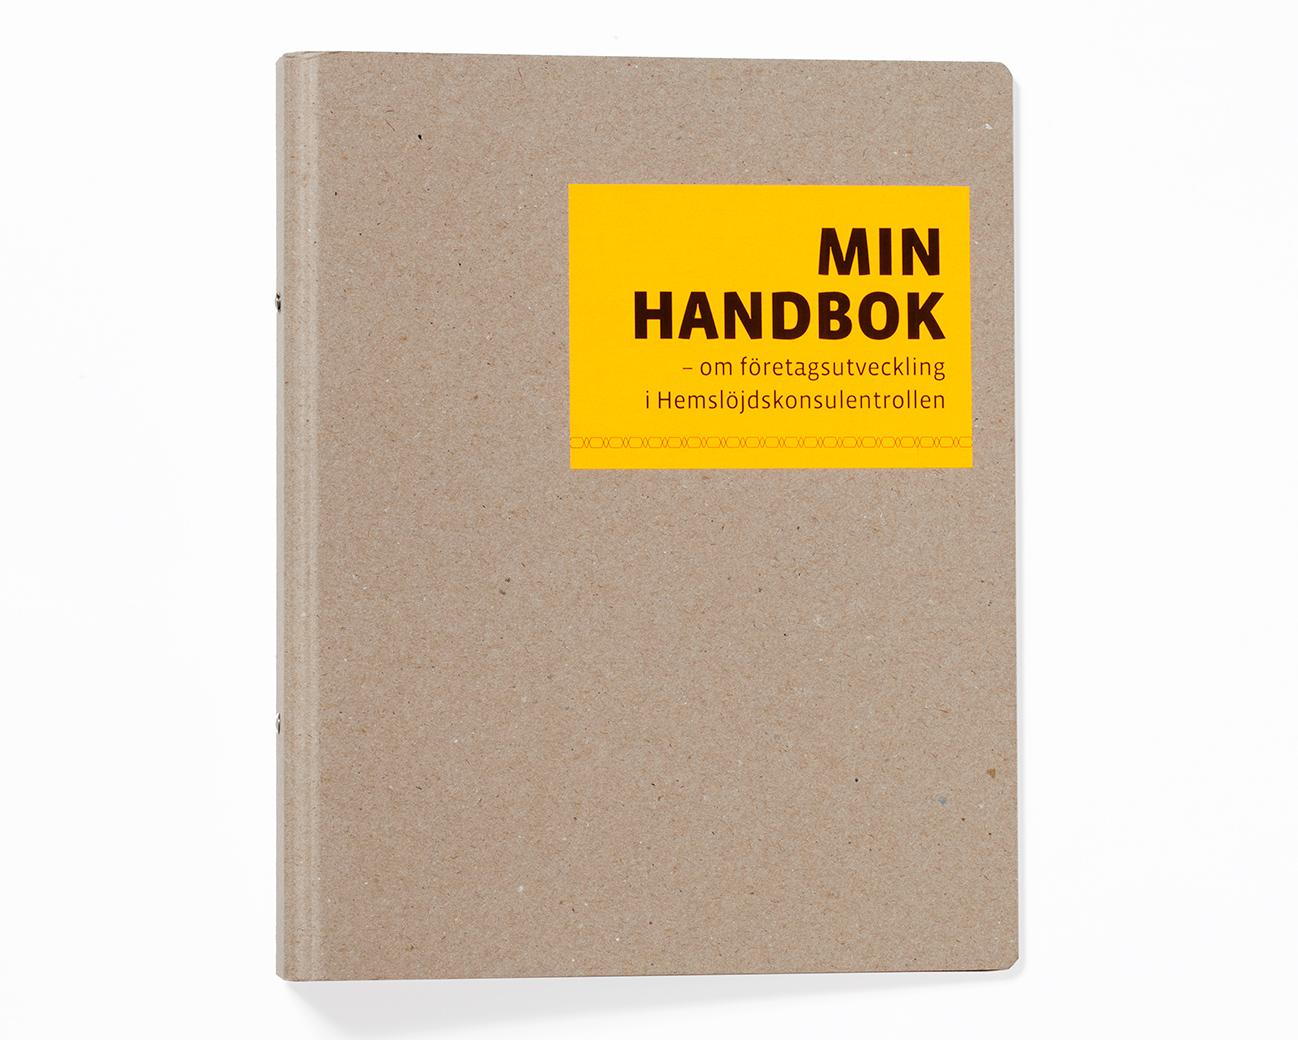 my_hellsten_min_handbok_01_x2